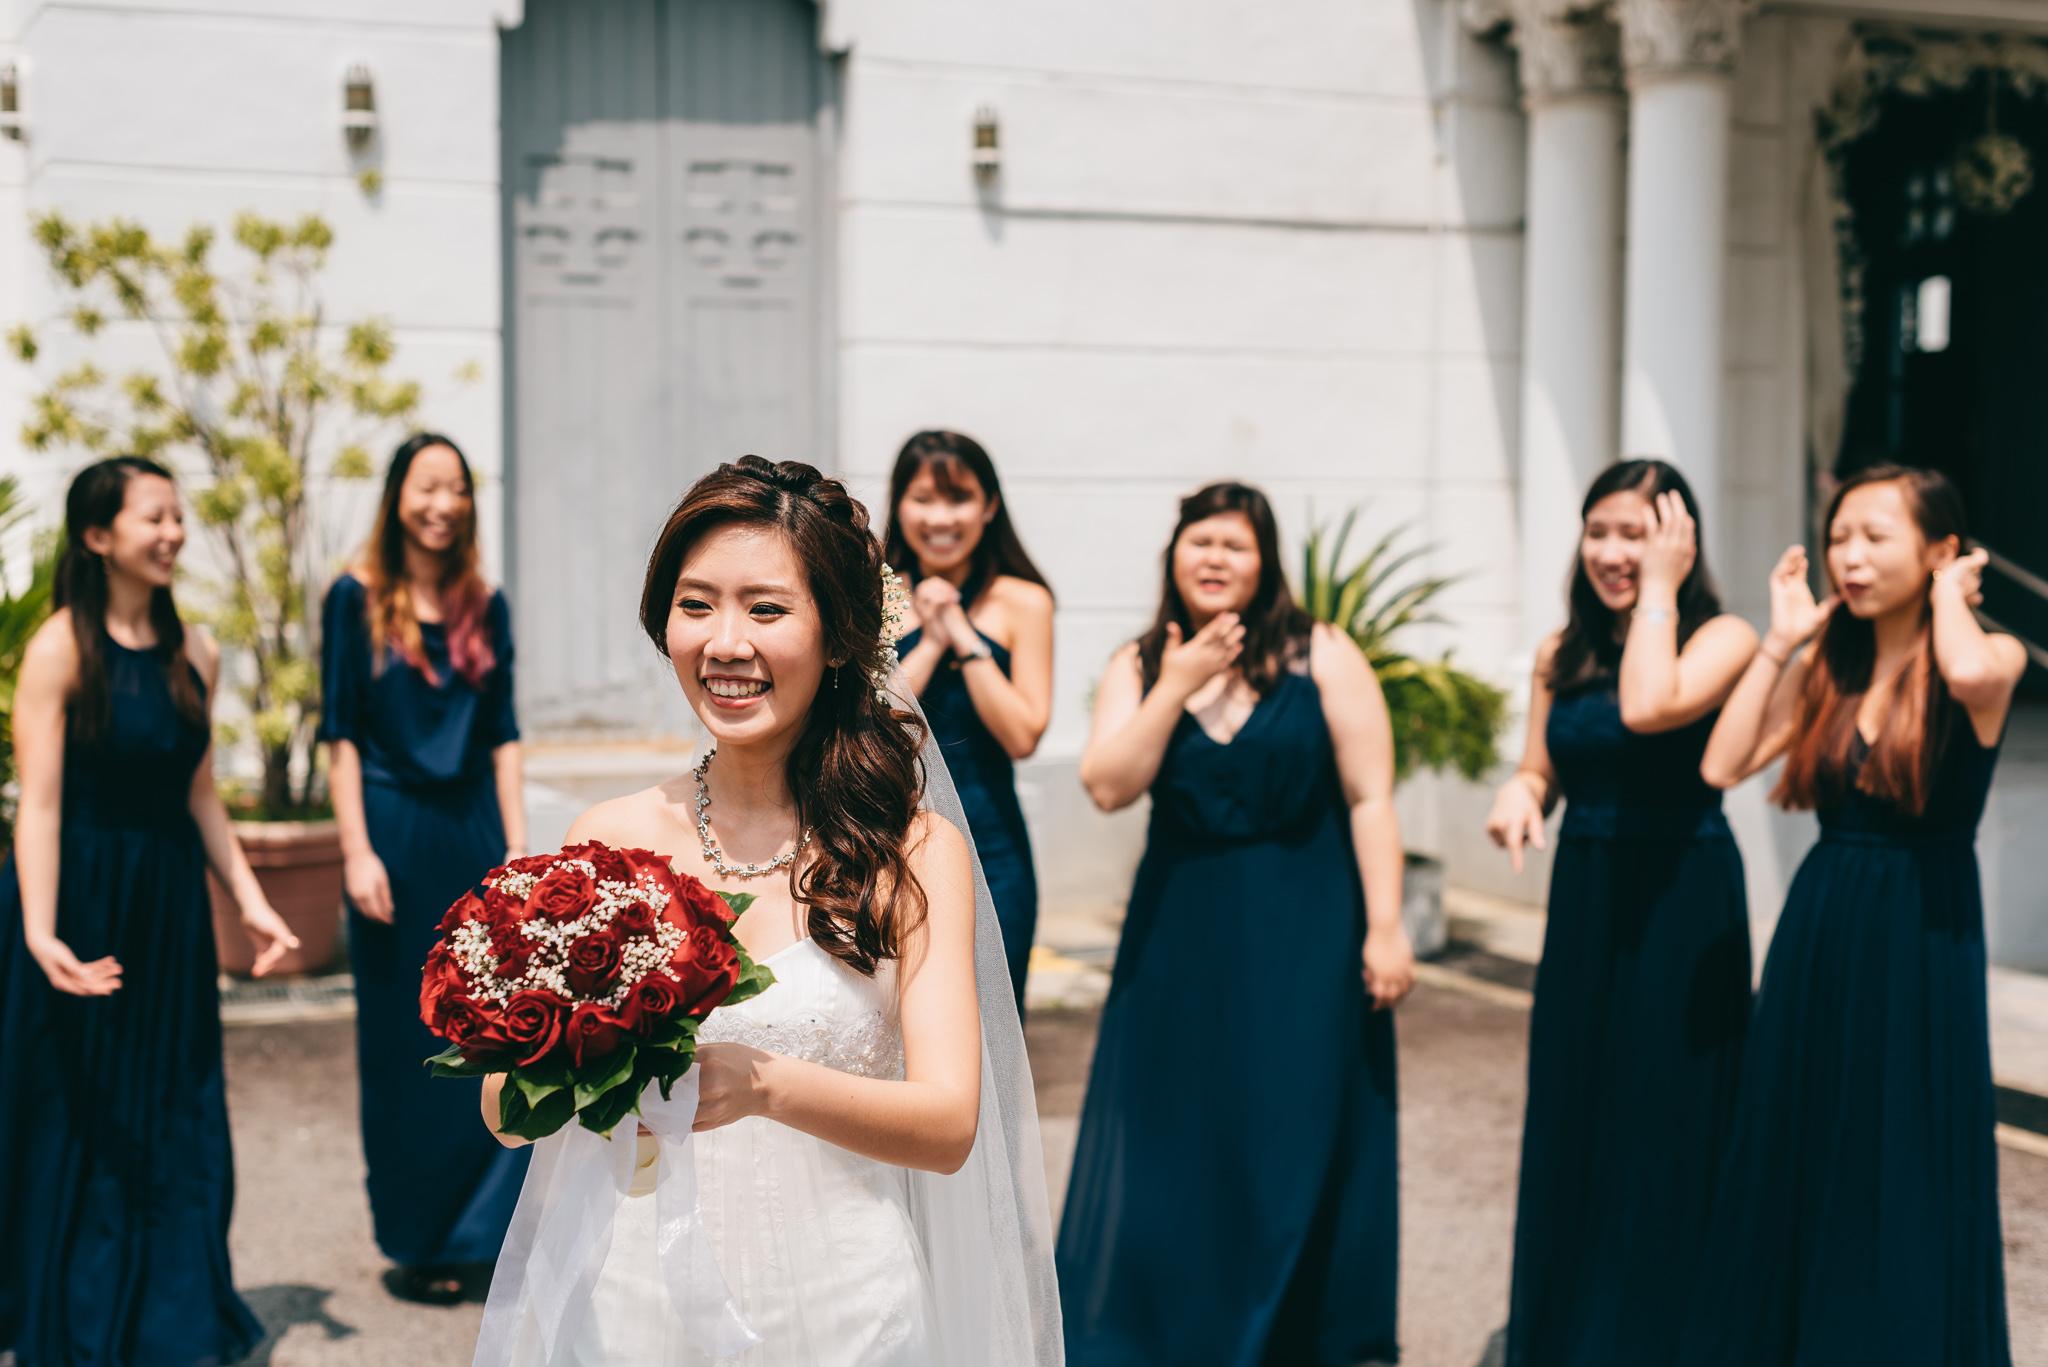 Lionel & Karen Wedding Day Highlights (resized for sharing) - 110.jpg